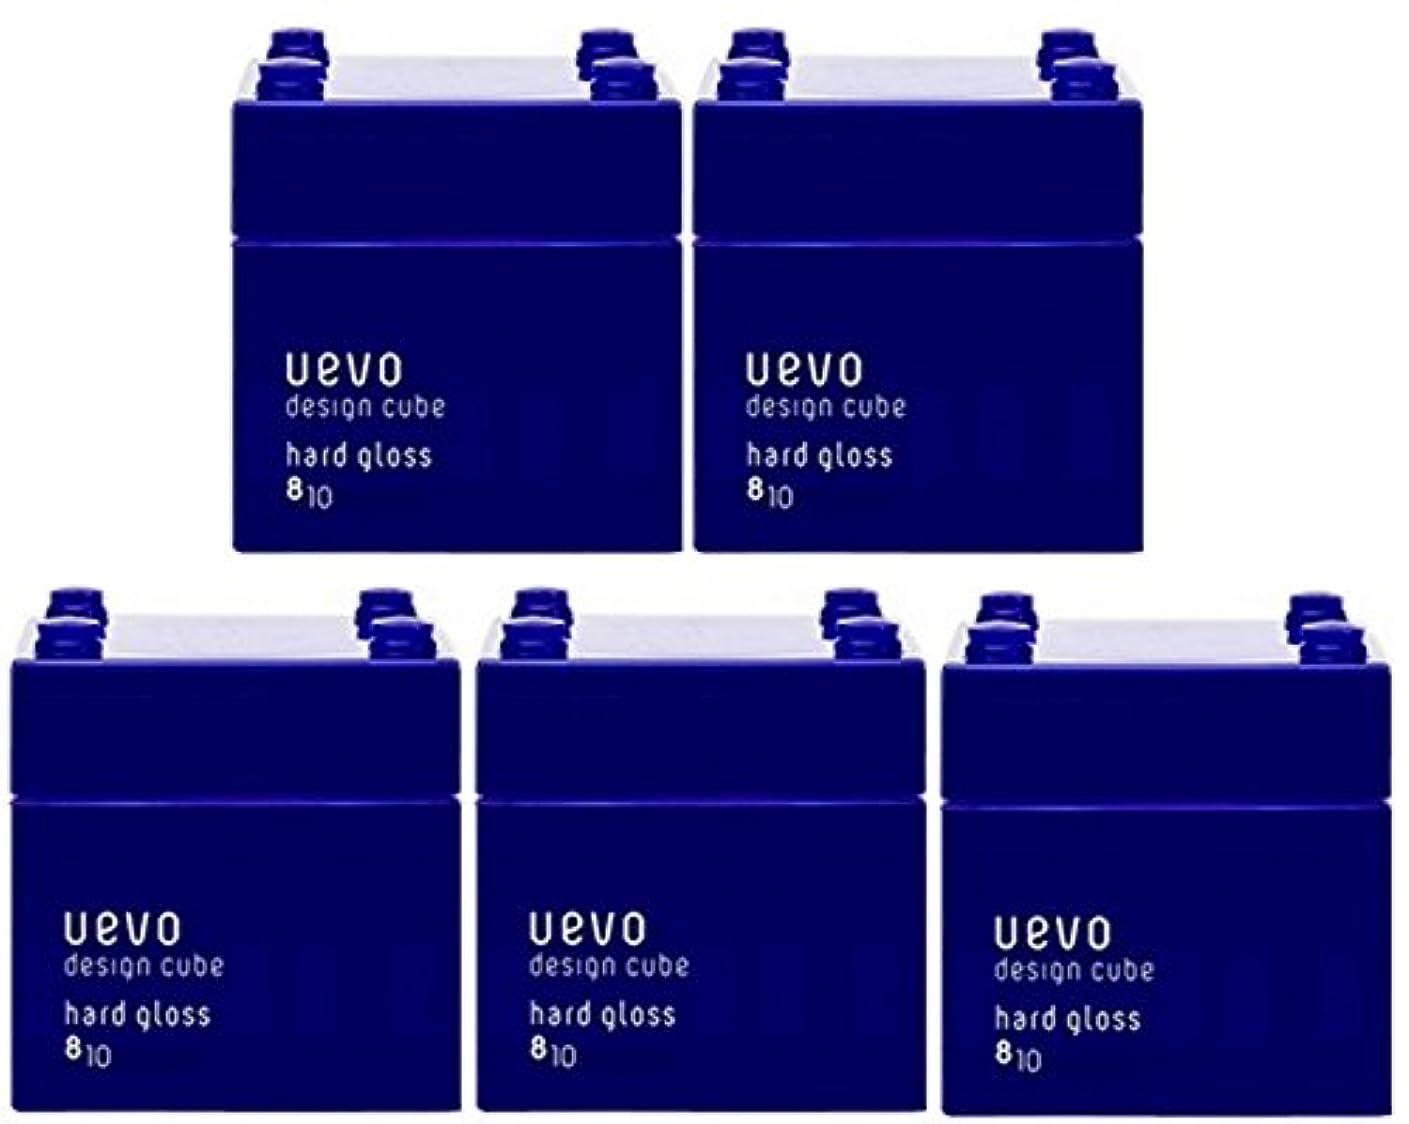 利益パトロールダーリン【X5個セット】 デミ ウェーボ デザインキューブ ハードグロス 80g hard gloss DEMI uevo design cube